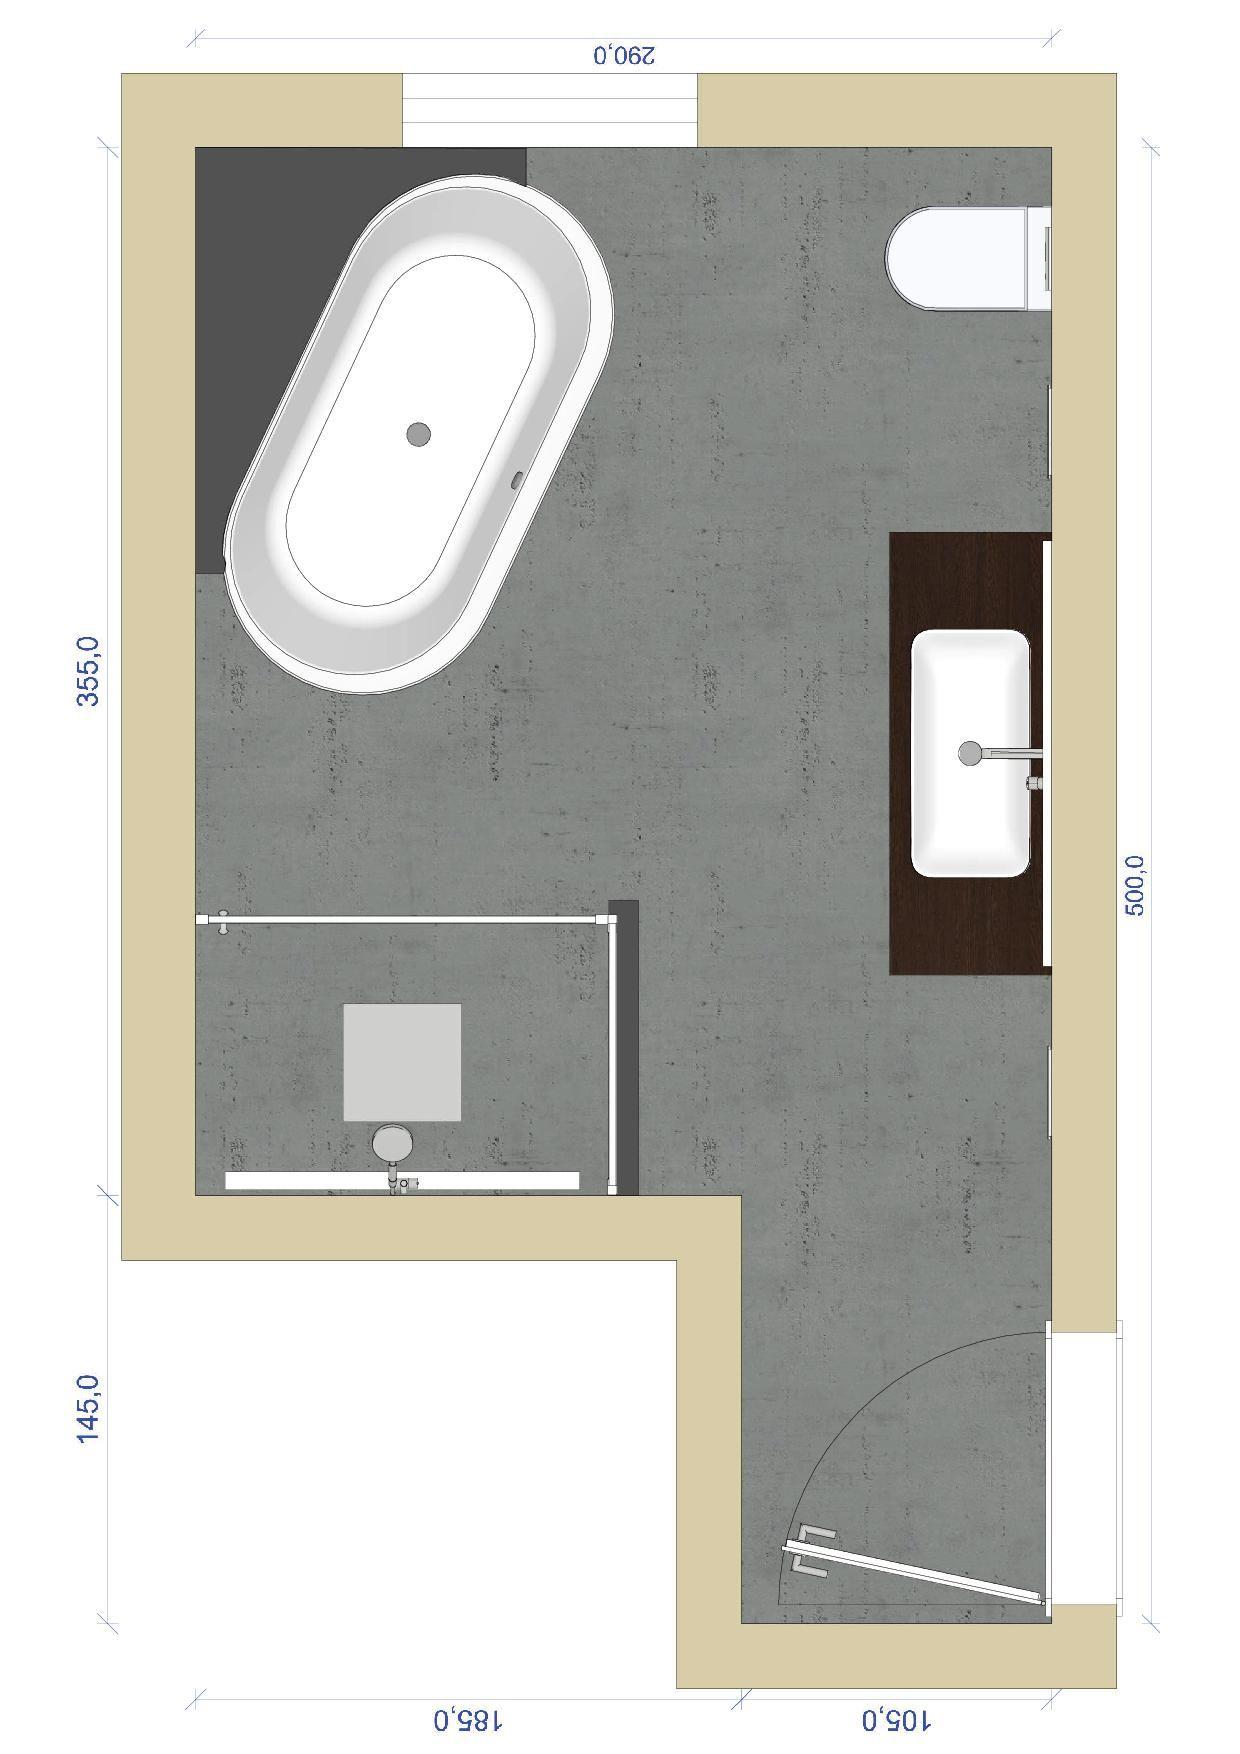 Badezimmer mit freistehender Badewanne hinten an eine Ablage grenzend